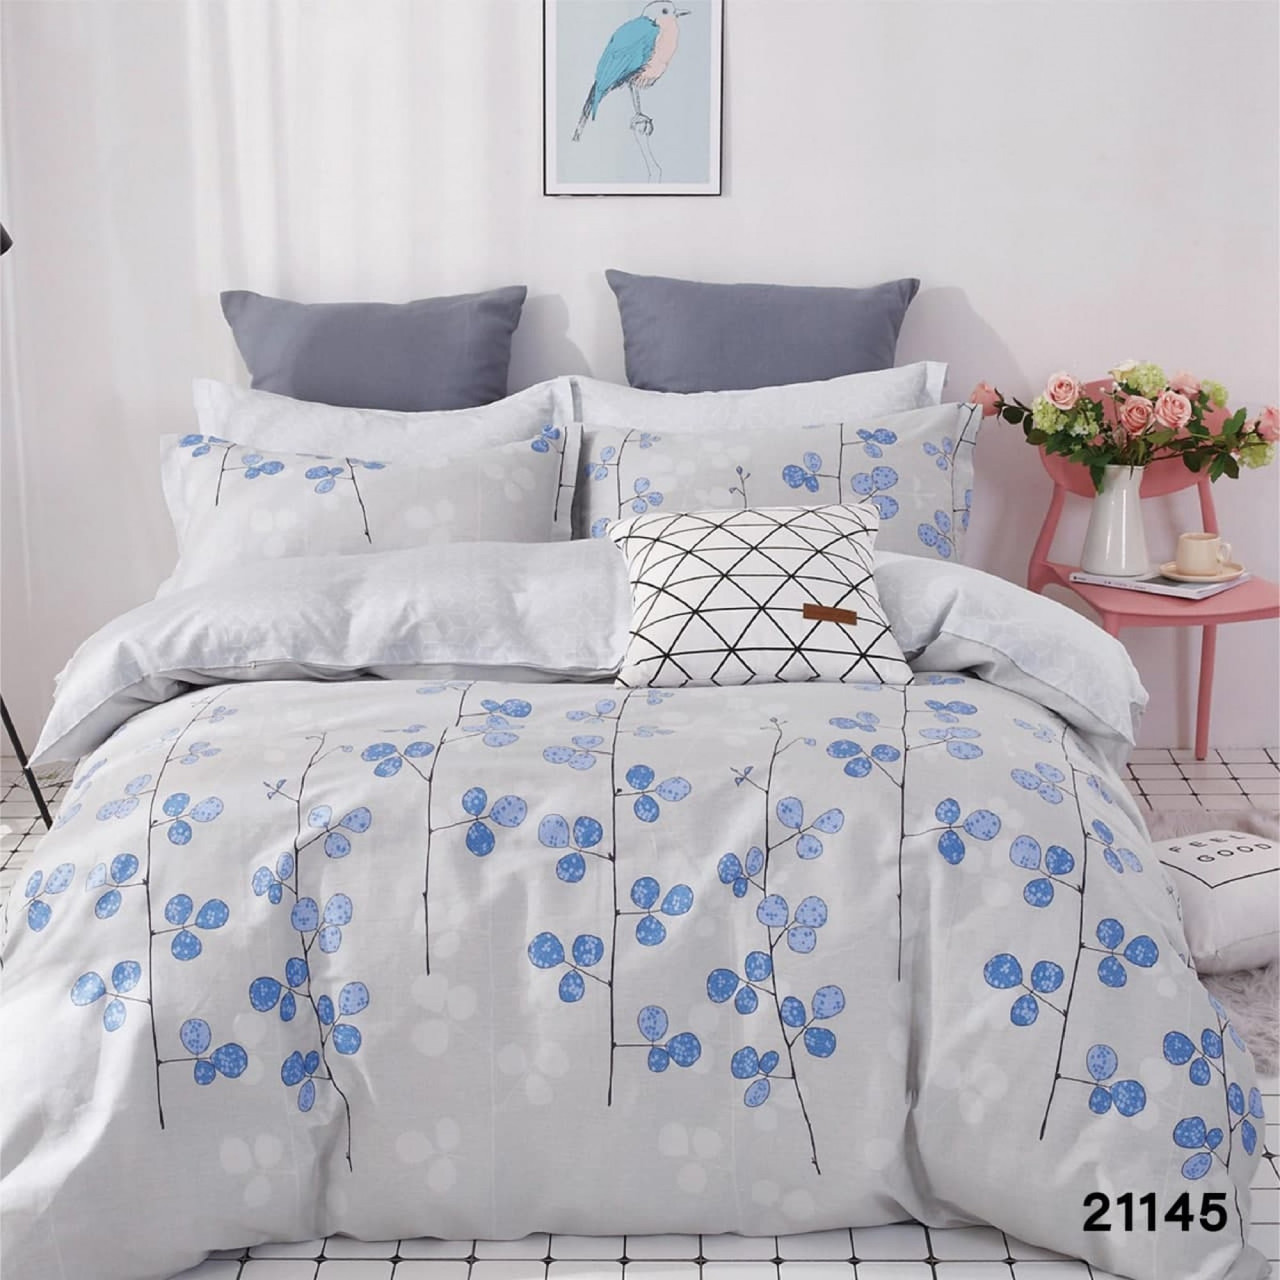 Комплект постельного белья полуторный Вилюта Ранфорс 21145